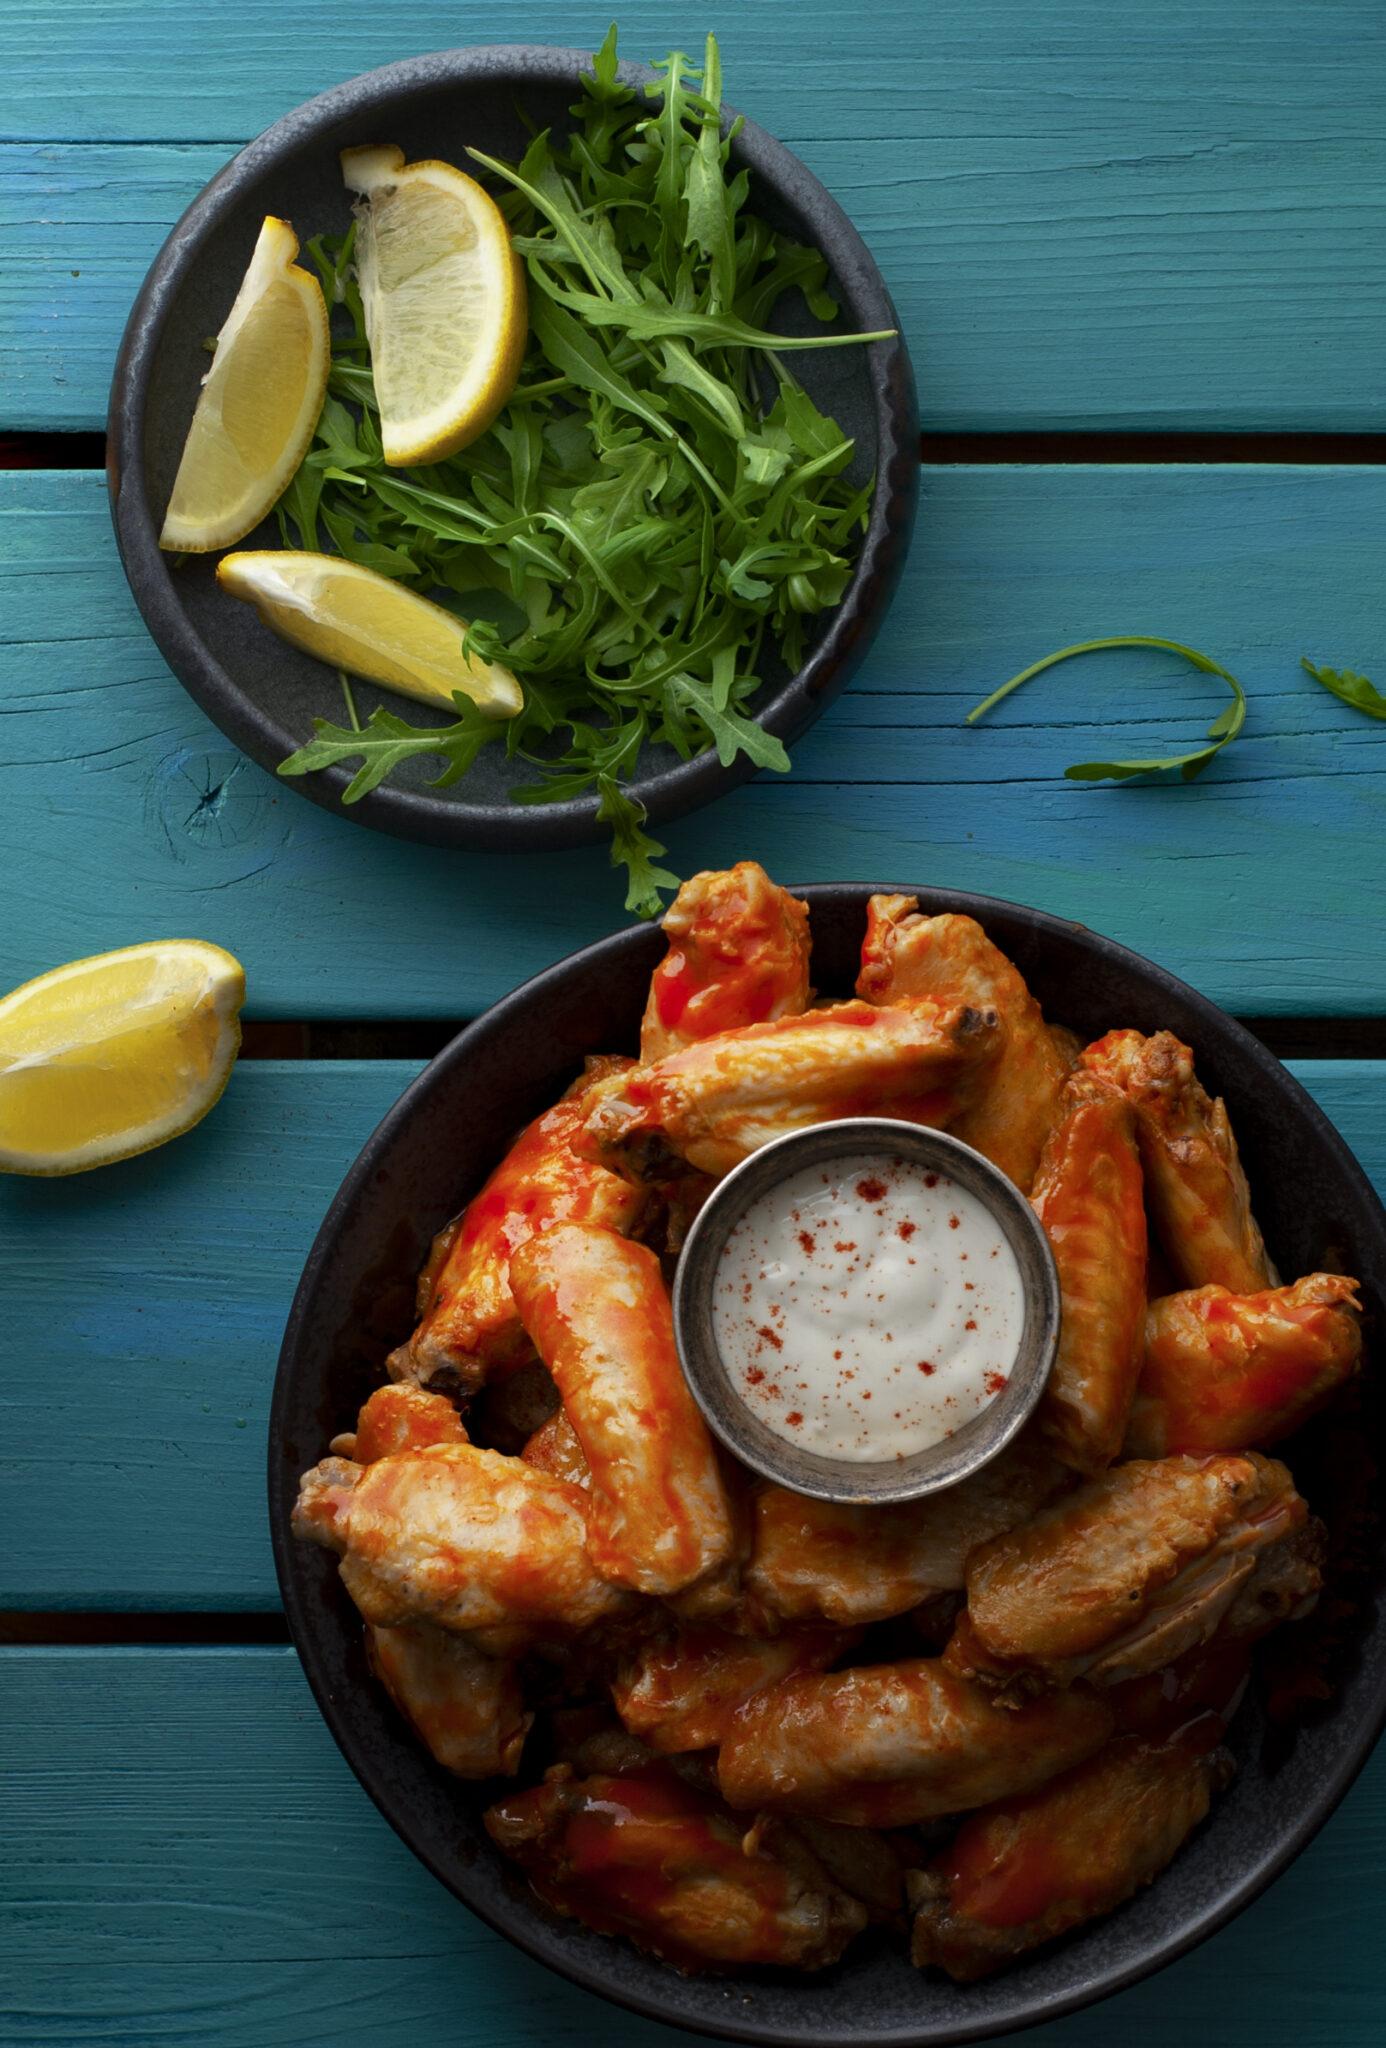 foto van chcickenwings en een salade op azuurblauwe tafel